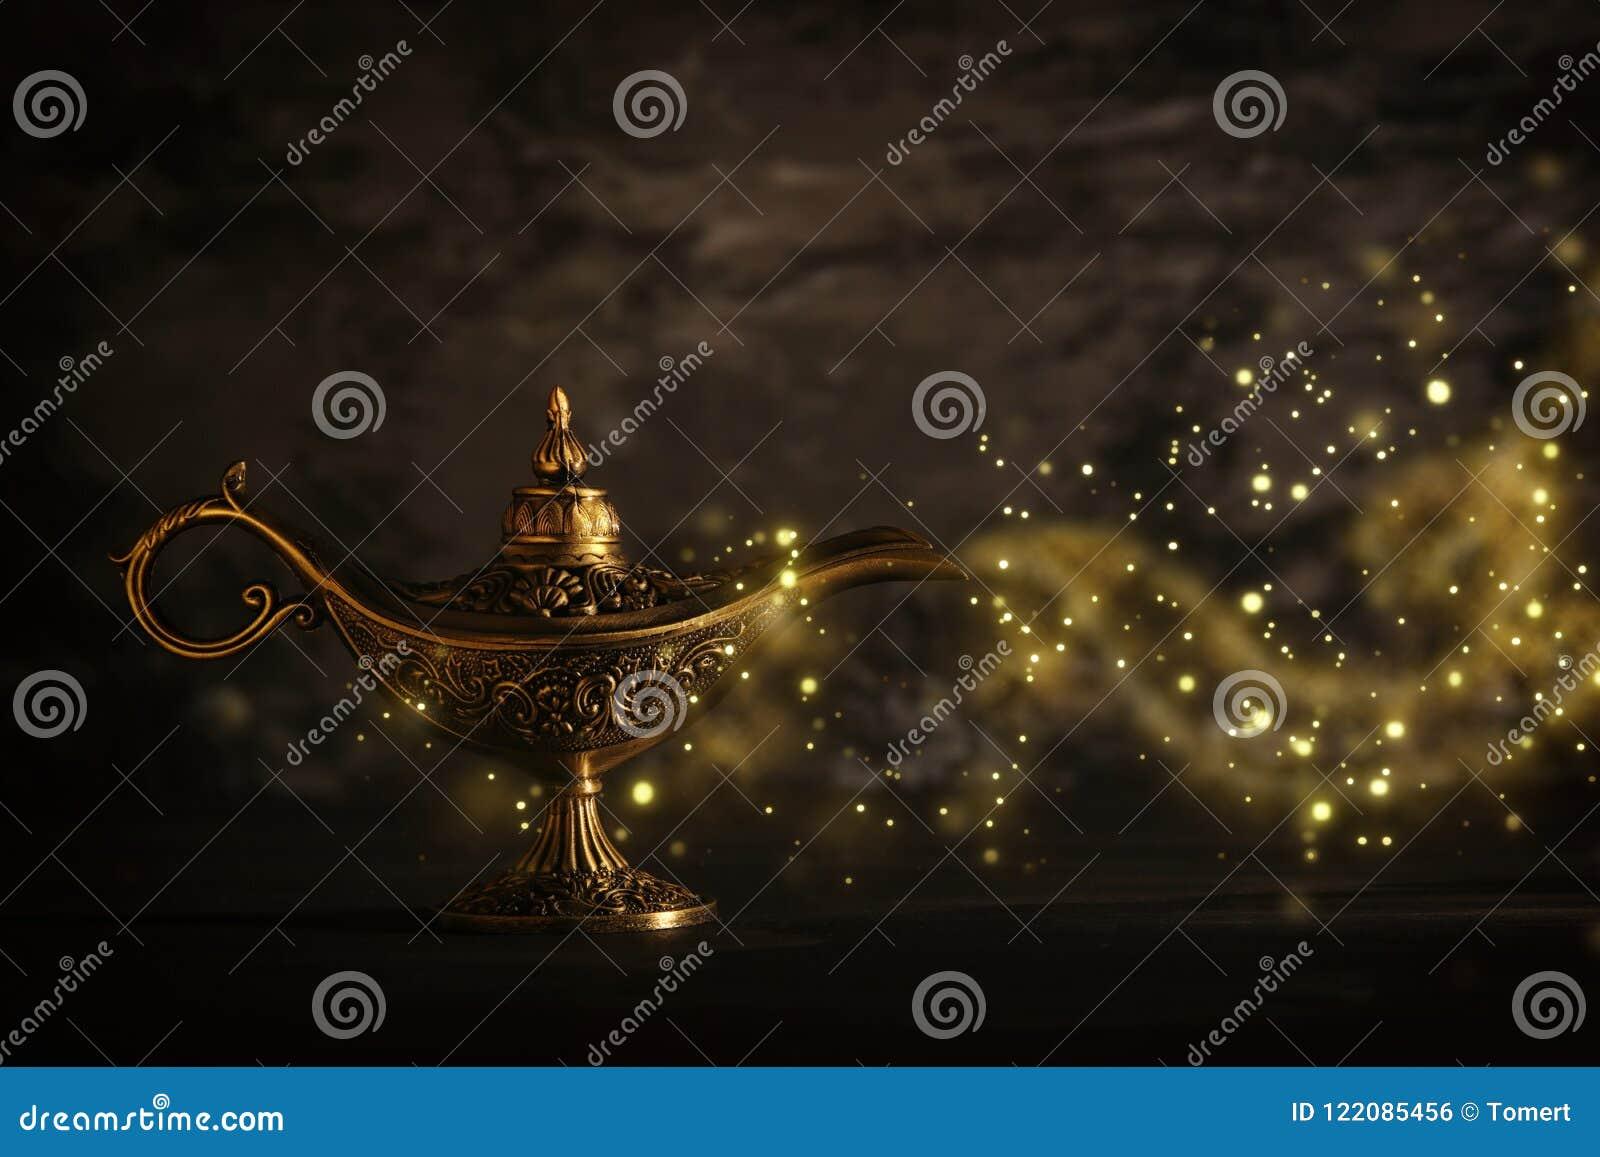 Mágica La De Con De Lámpara Aladdin Imagen Misteriosa La PnN80OwkX